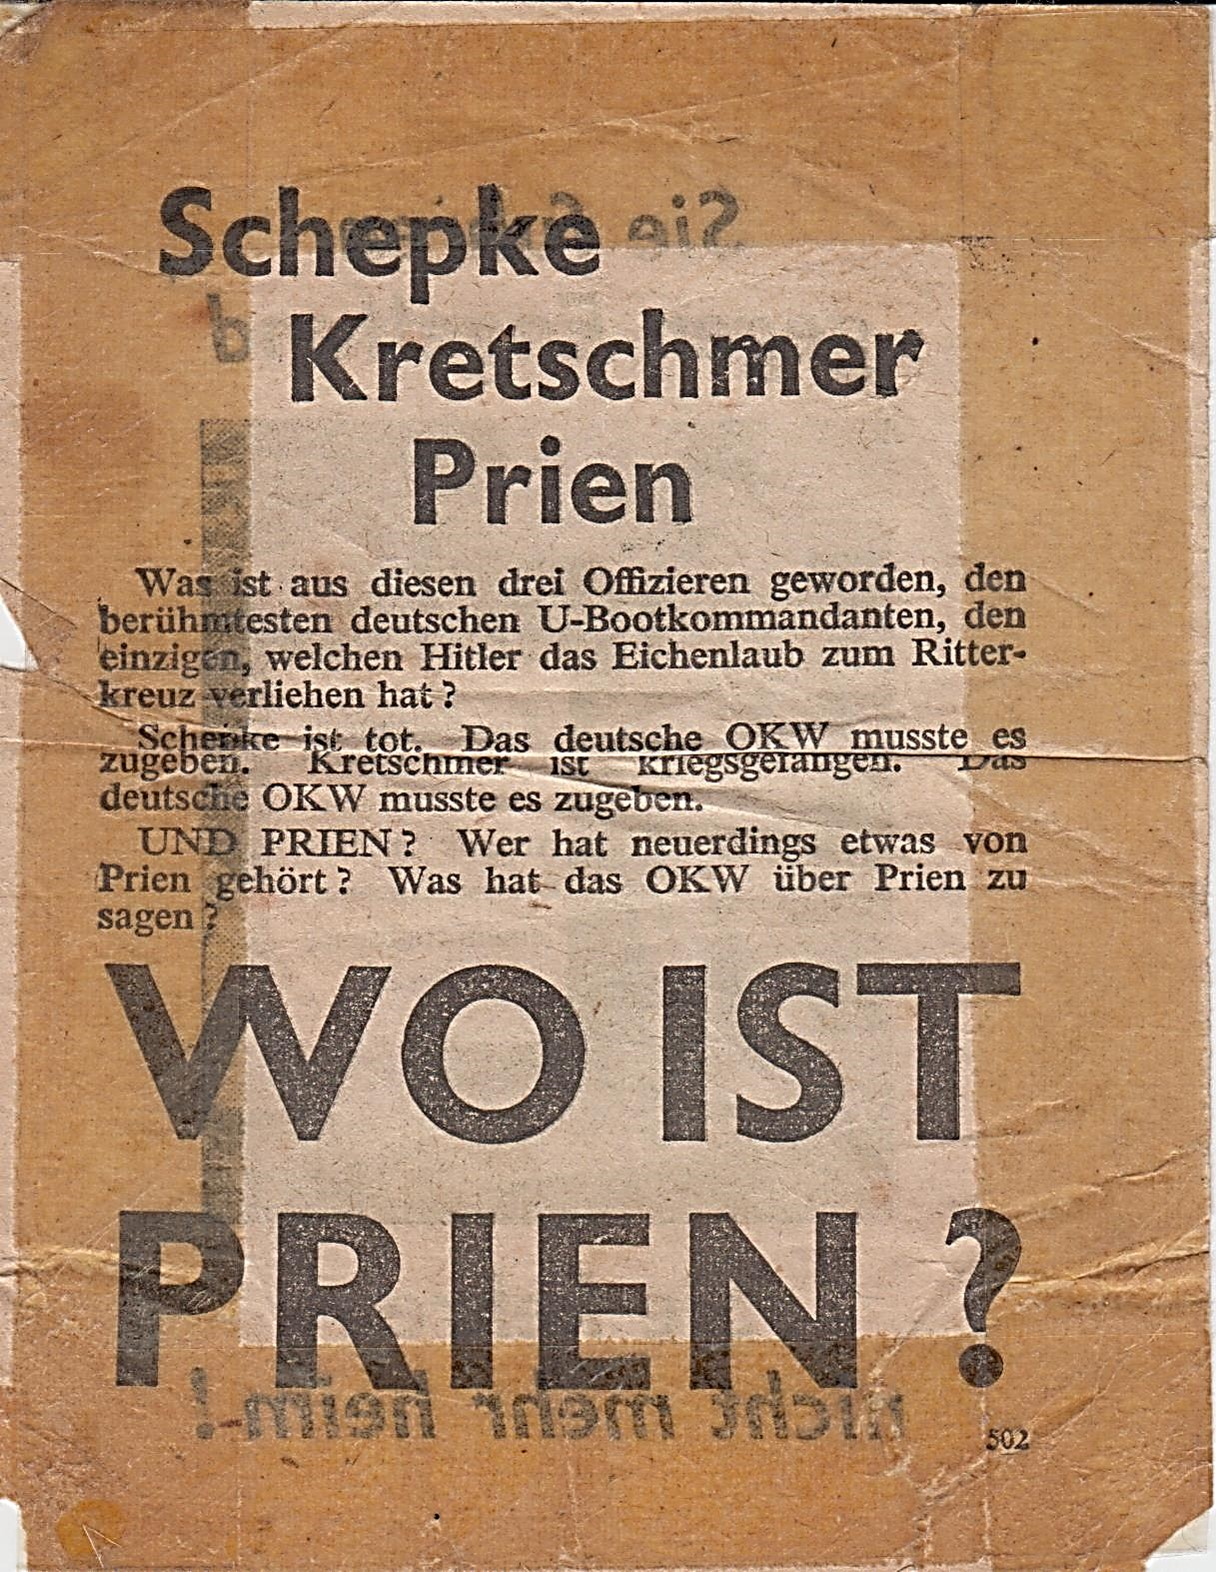 phil_fuhren_back_001.jpg